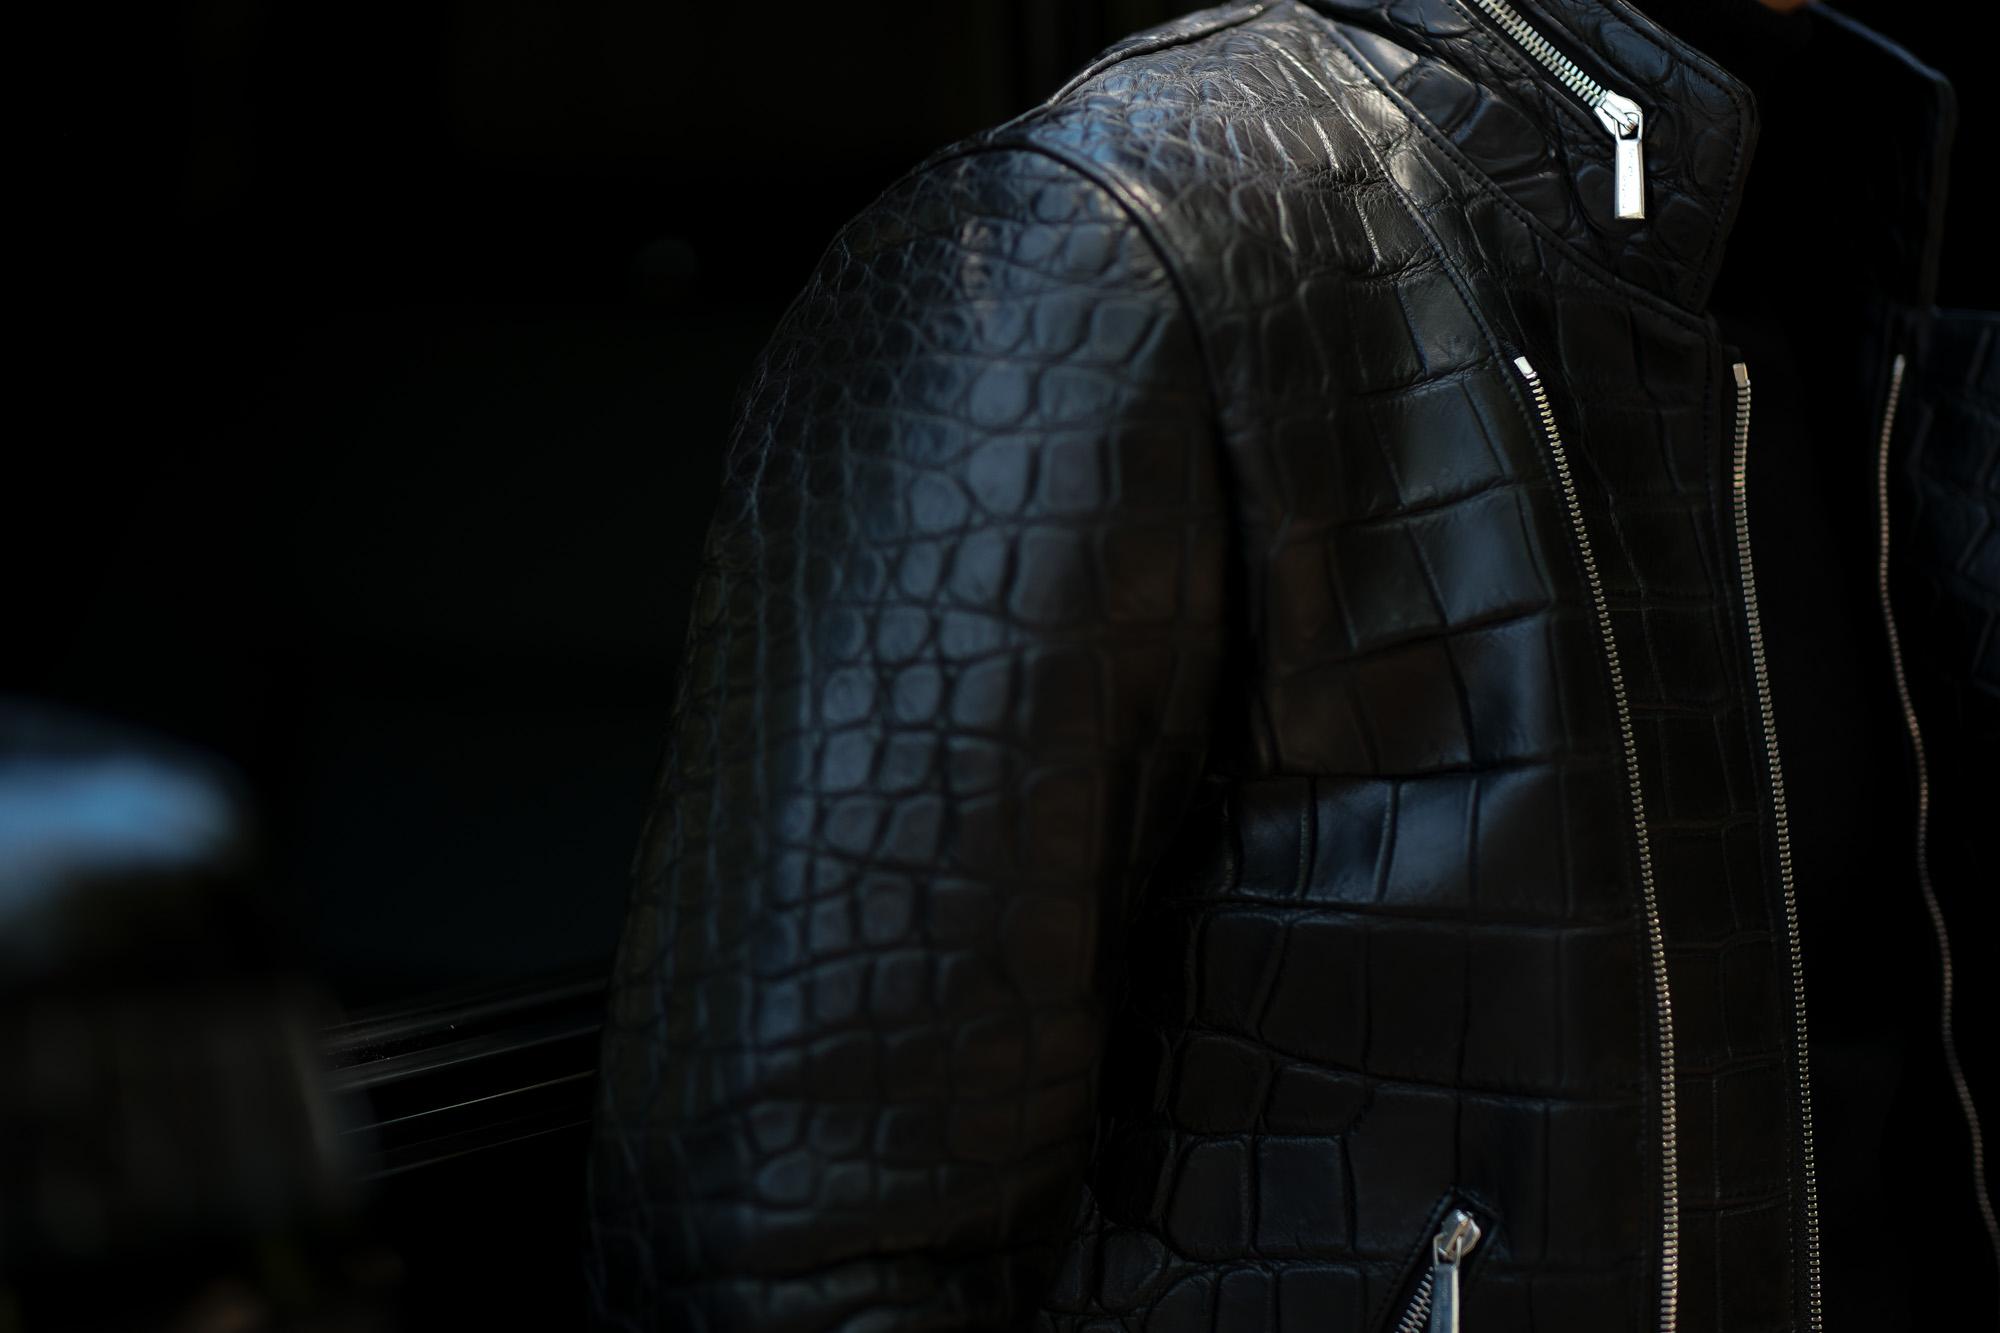 Georges de Patricia (ジョルジュ ド パトリシア) Huracan Porosus Crocodile(ウラカン ポロサス クロコダイル) 925 STERLING SILVER (925 スターリングシルバー) Porosus Crocodile ポロサス クロコダイル エキゾチックレザー ダブルライダース ジャケット NOIR (ブラック) 2019 秋冬 【Speicial Model】【ご予約受付中】愛知 名古屋 alto e diritto アルトエデリット